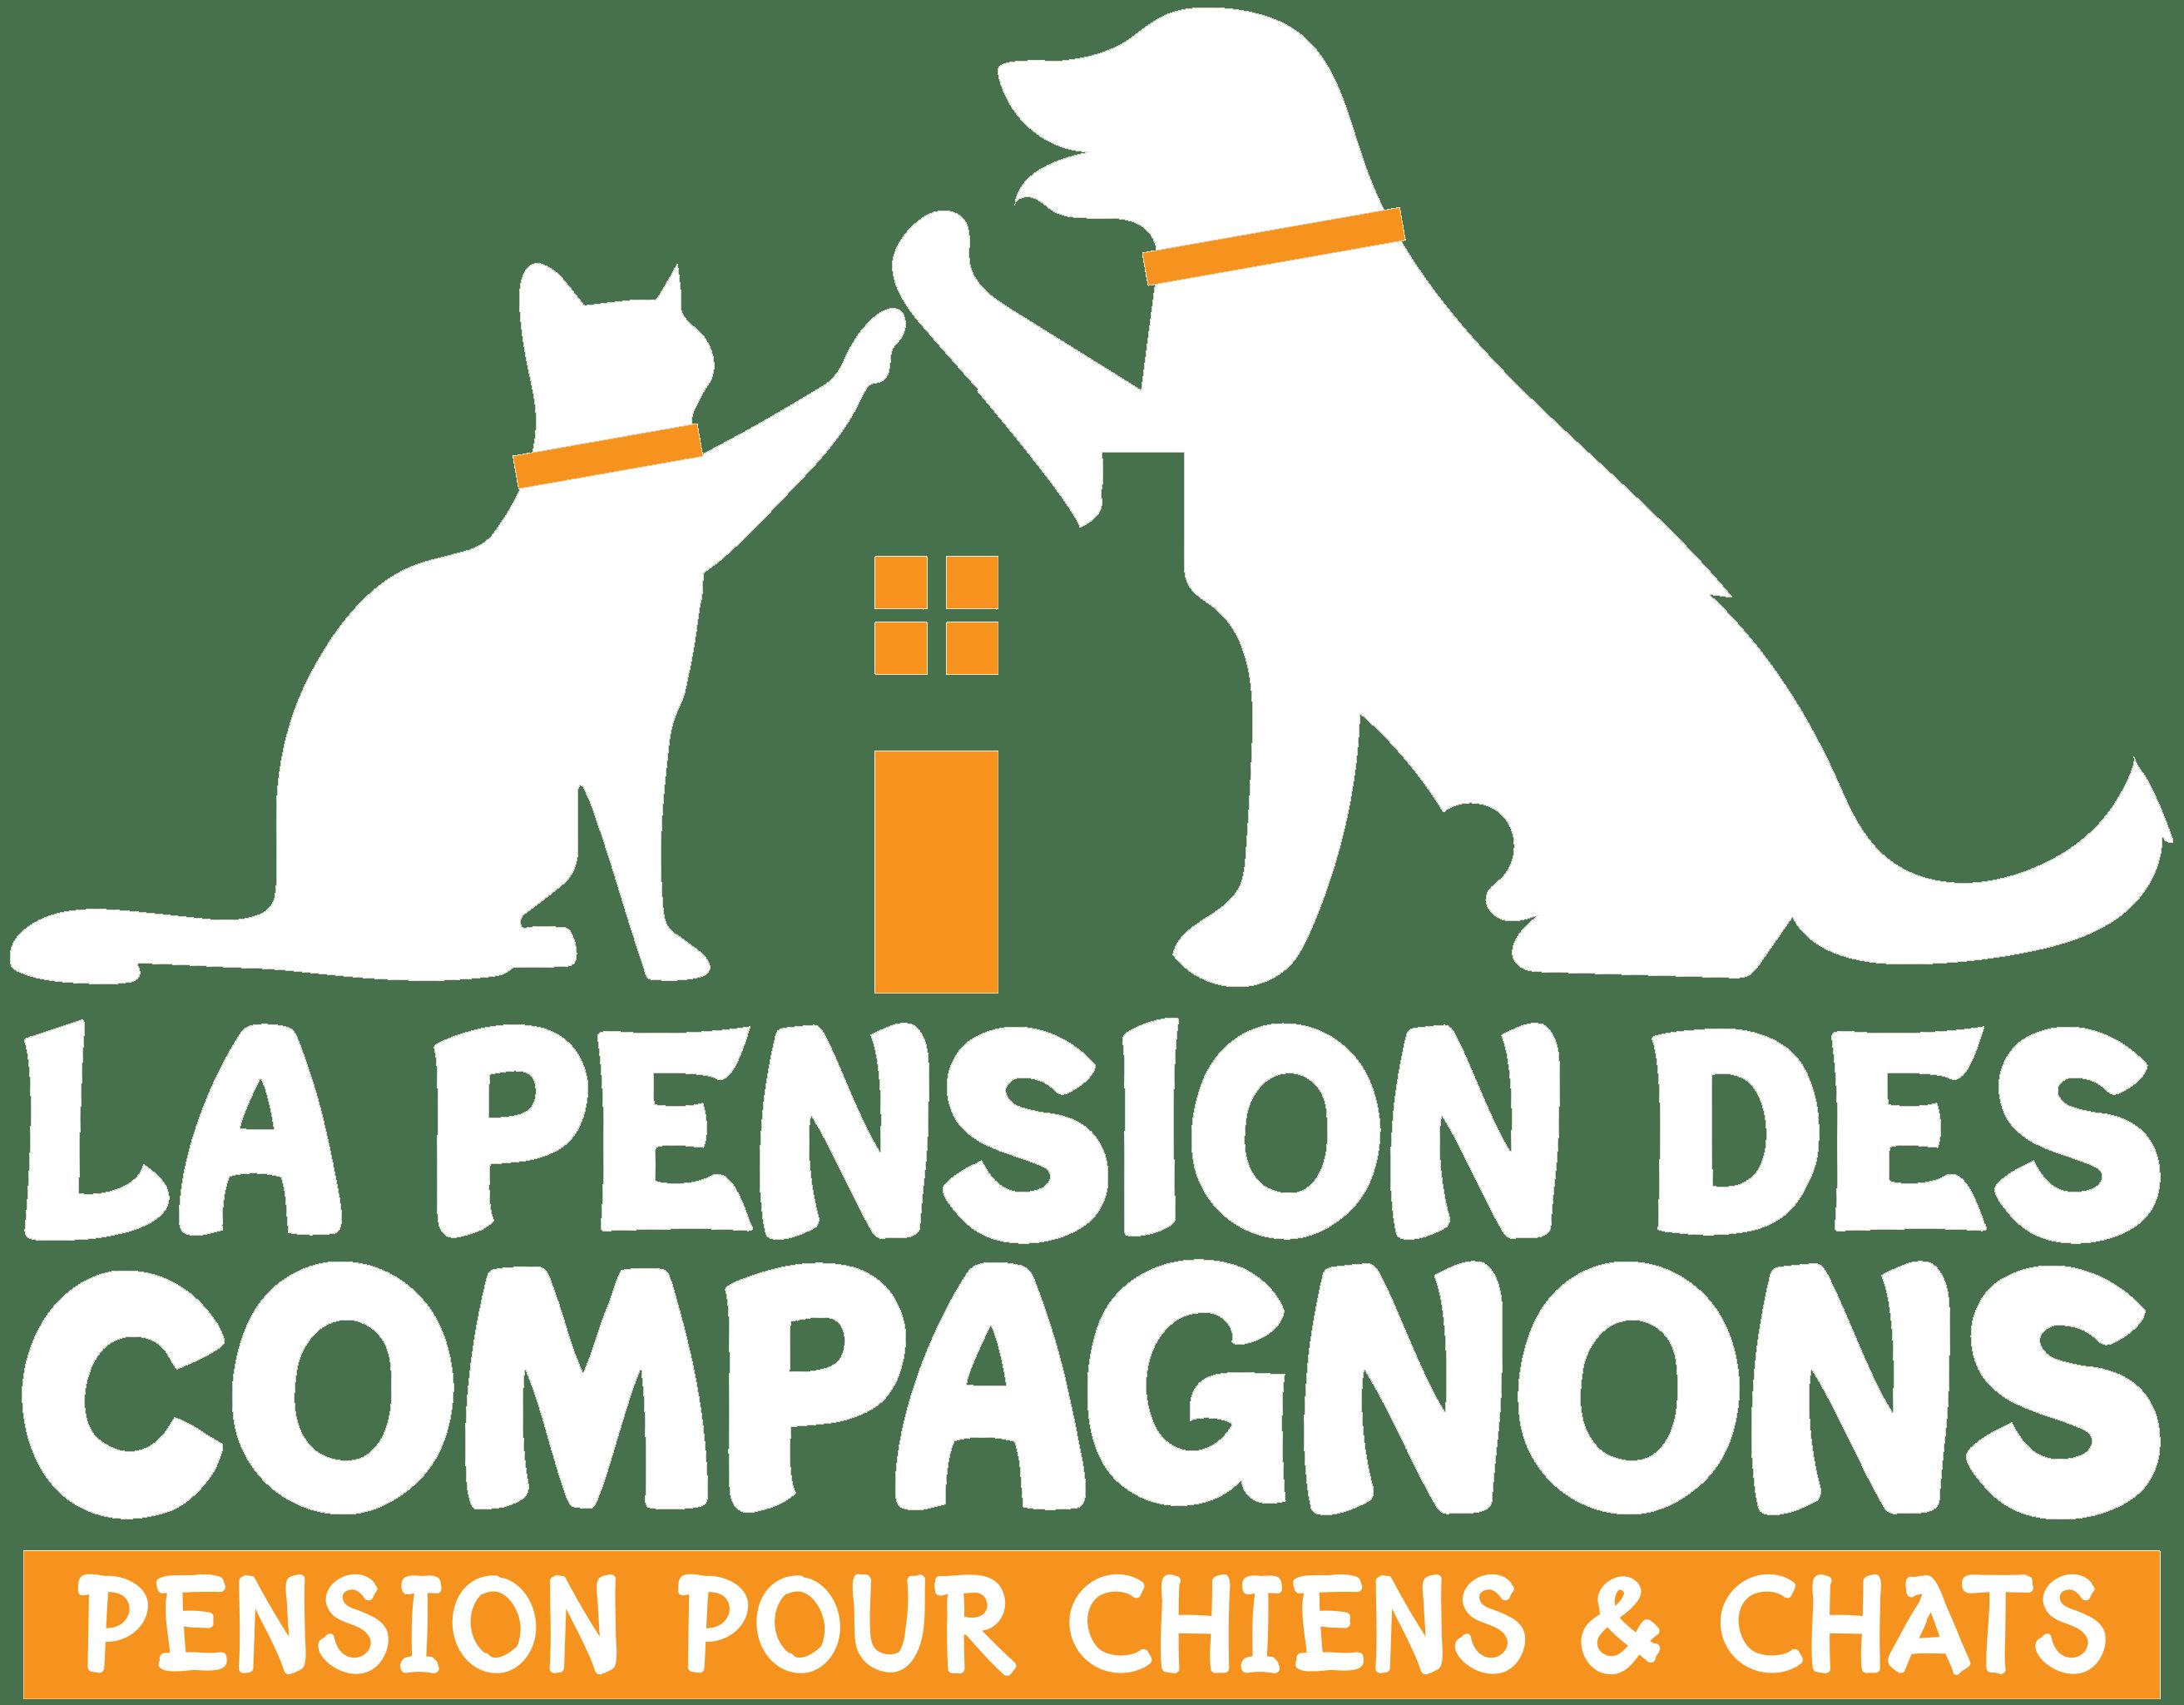 La Pension des Compagnons